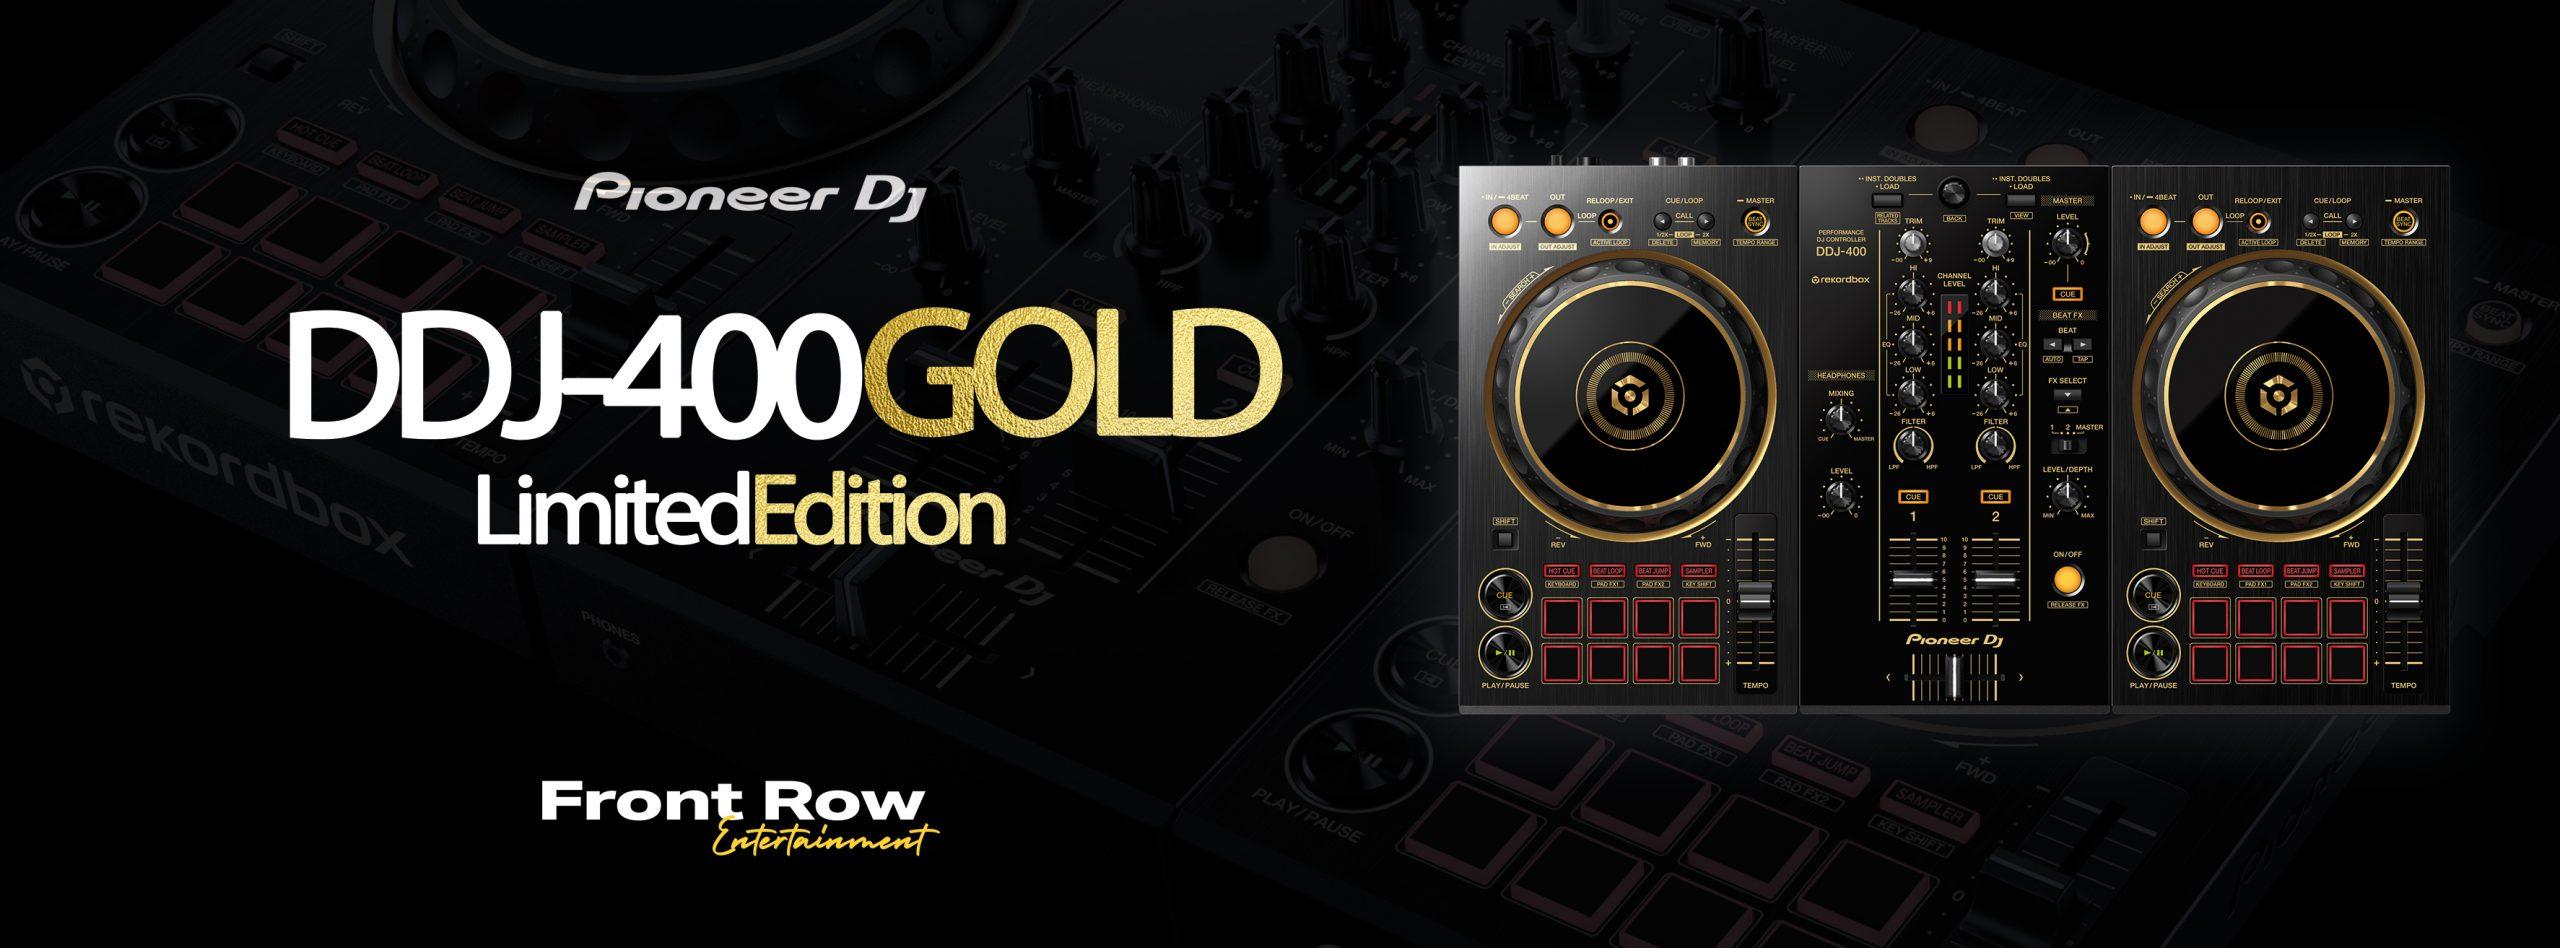 WIN a DDJ-400 Gold!